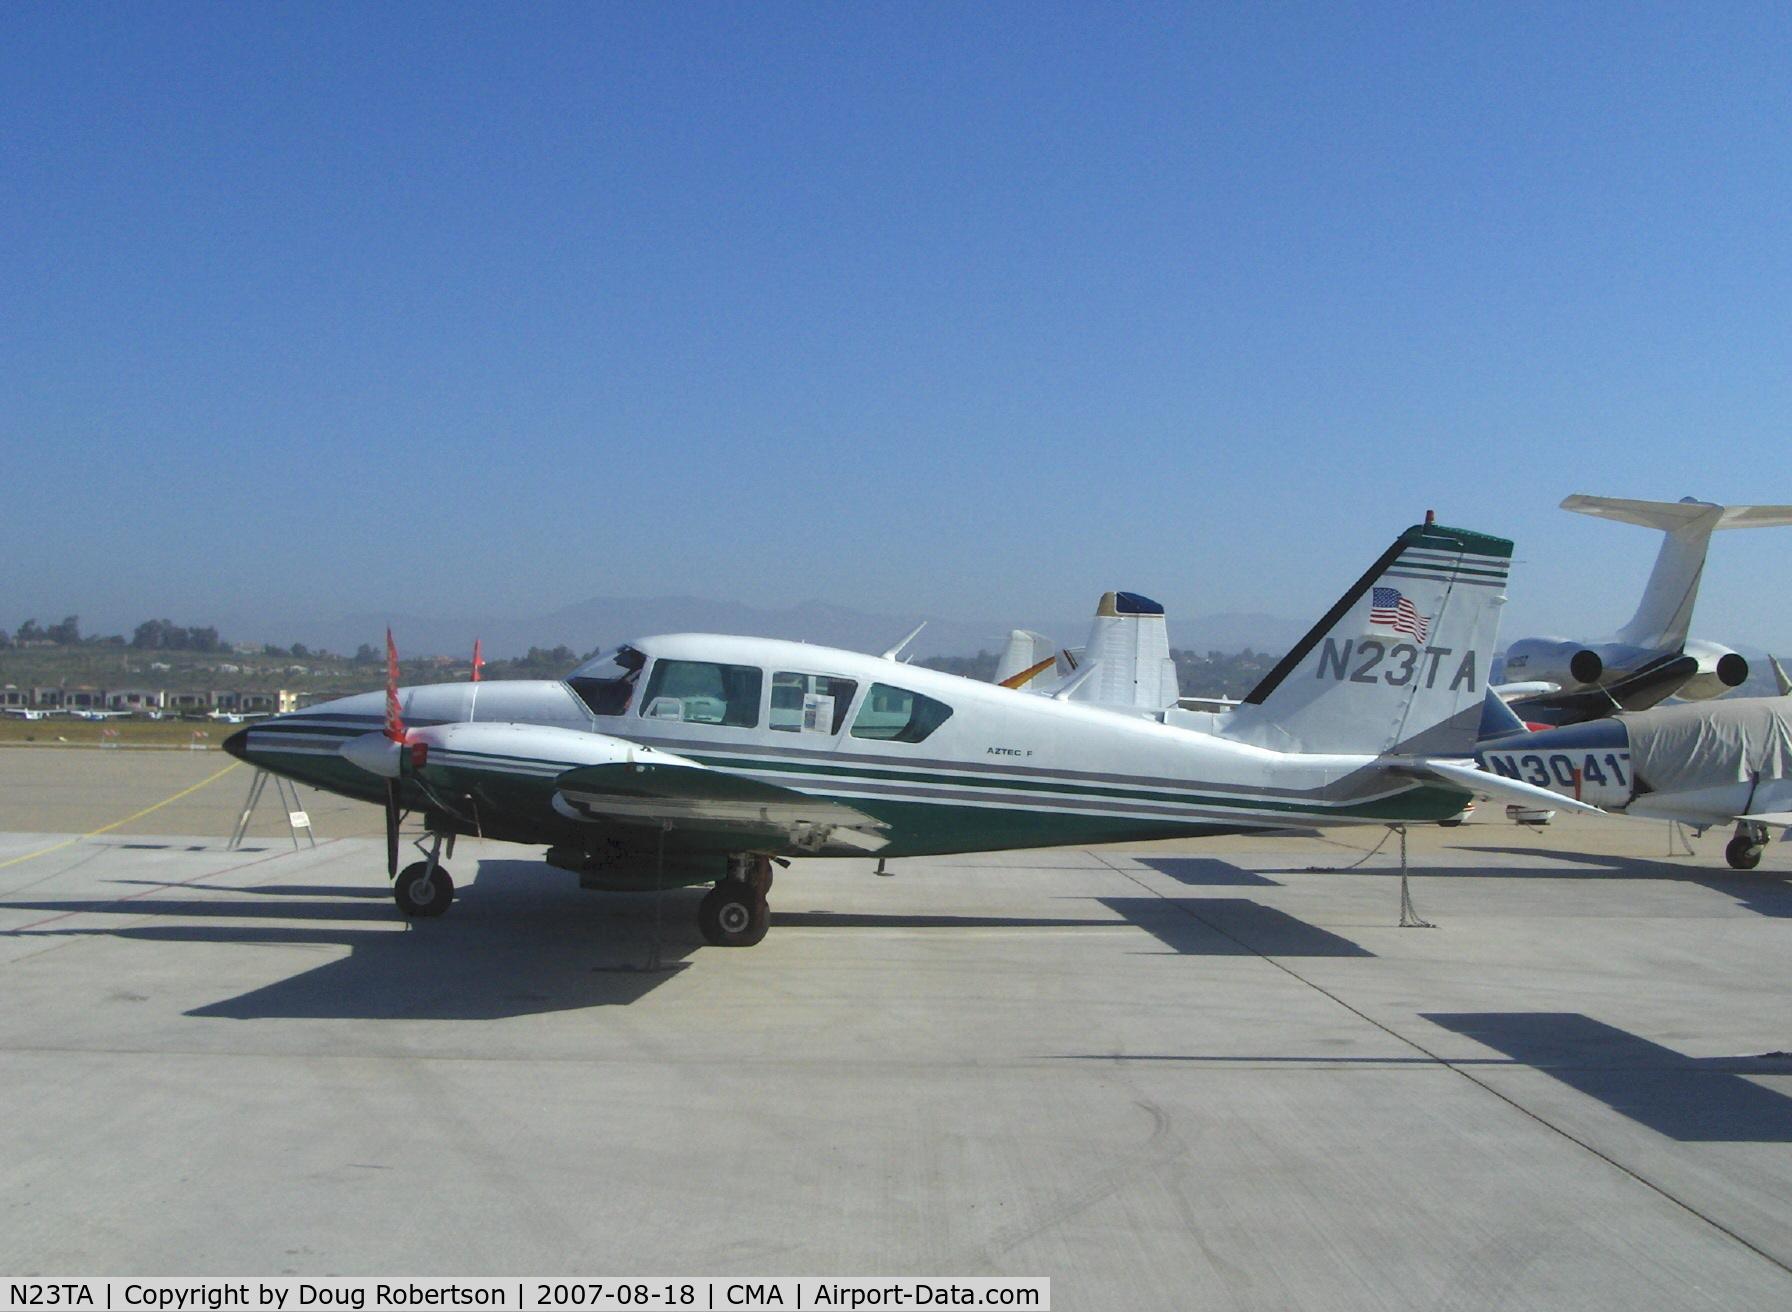 N23TA, 1978 Piper PA-23-250 Aztec F C/N 27-7854114, 1978 Piper PA-23-250 AZTEC F, two Lycoming IO-540-C4B5 250 Hp each